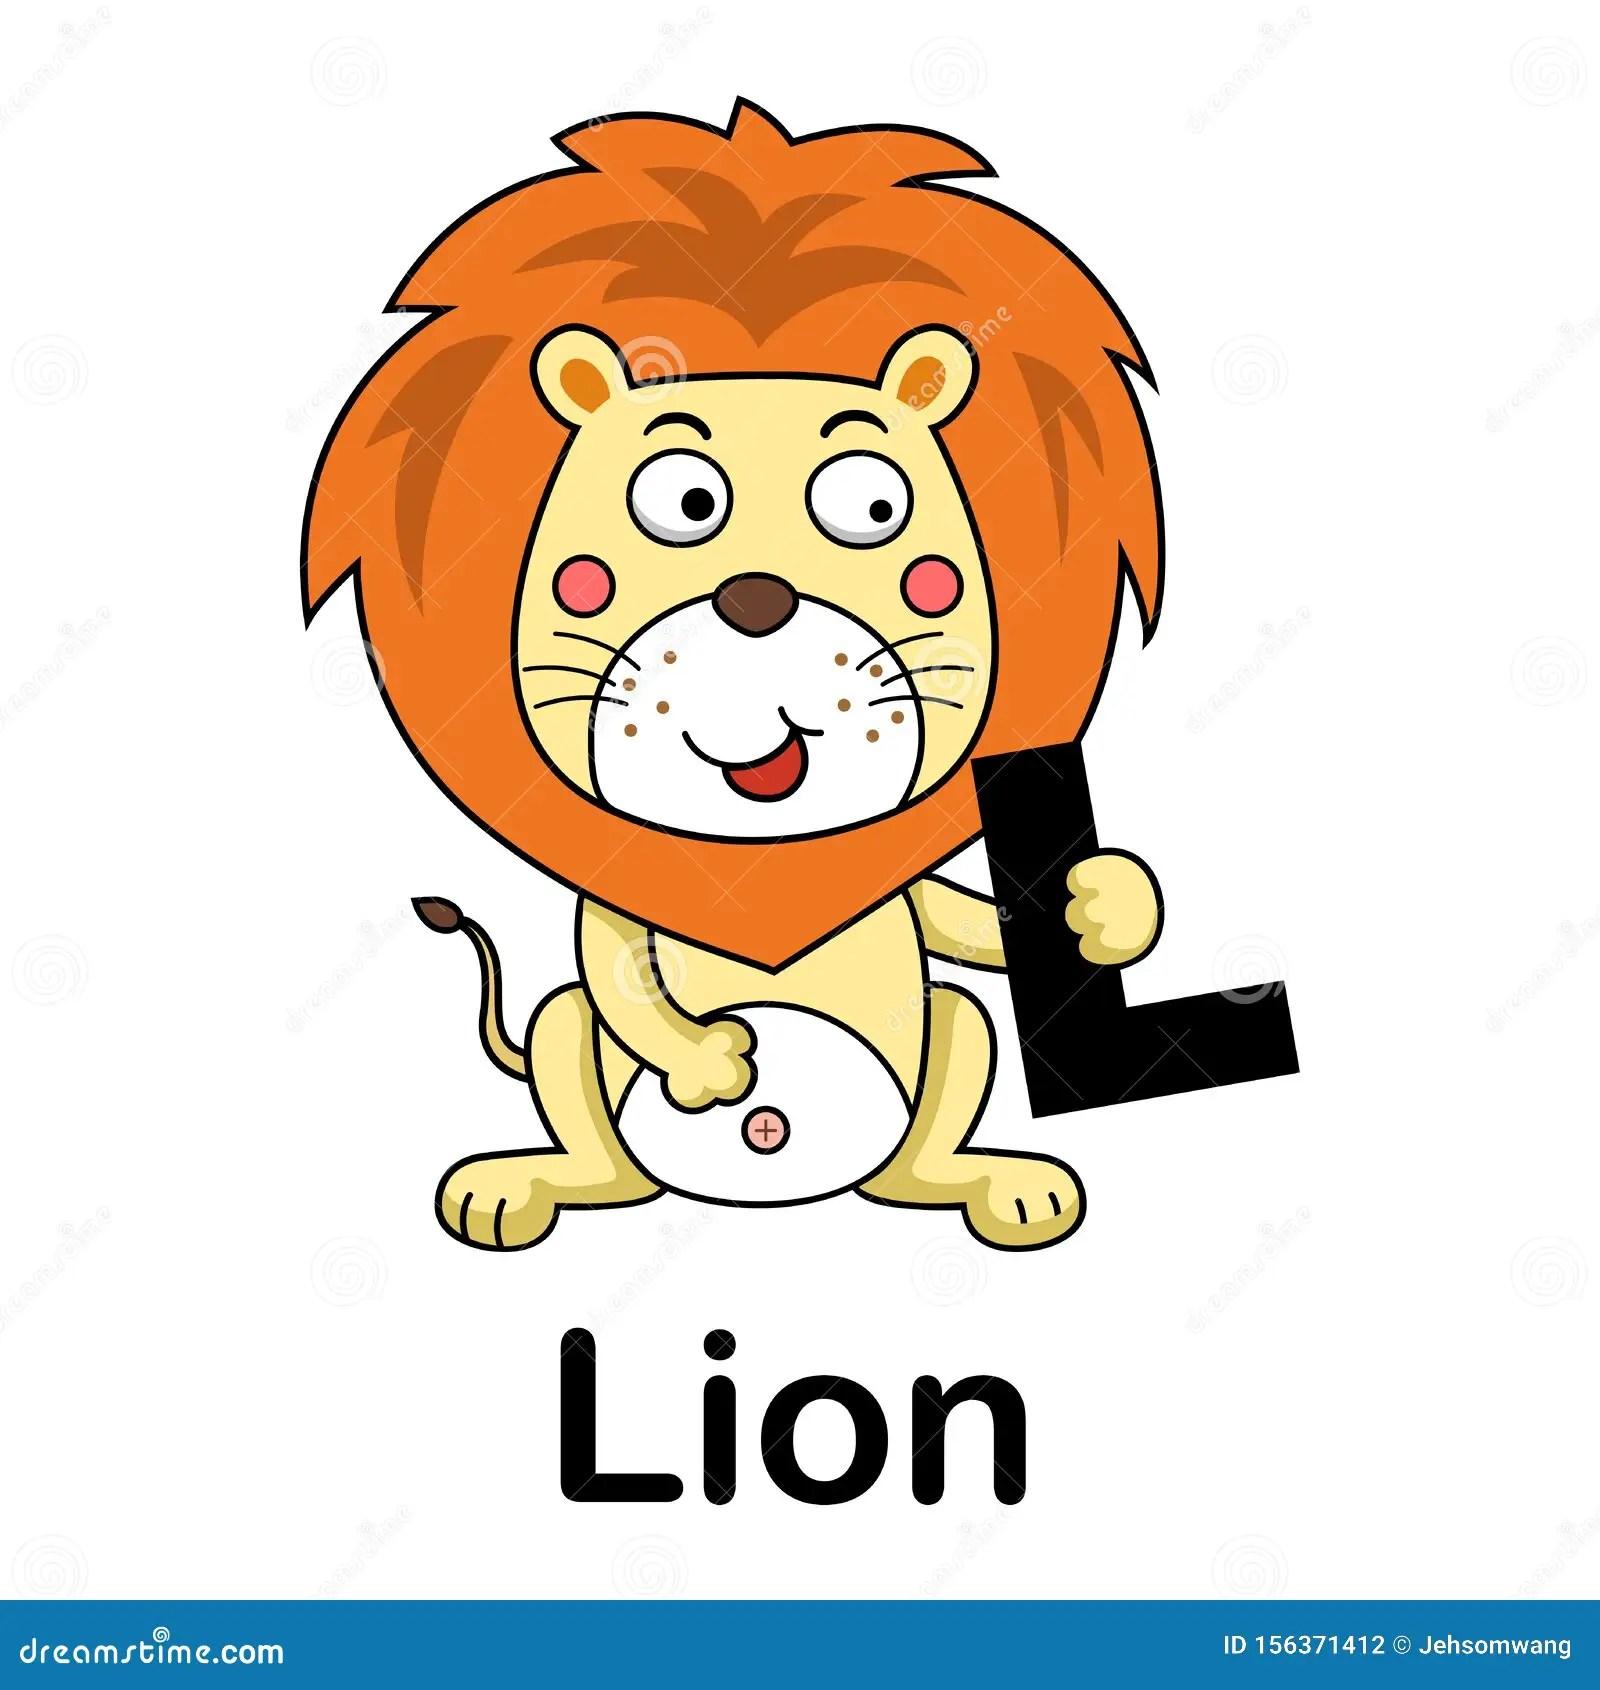 Alphabet Letter L Lion Stock Vector Illustration Of Learn